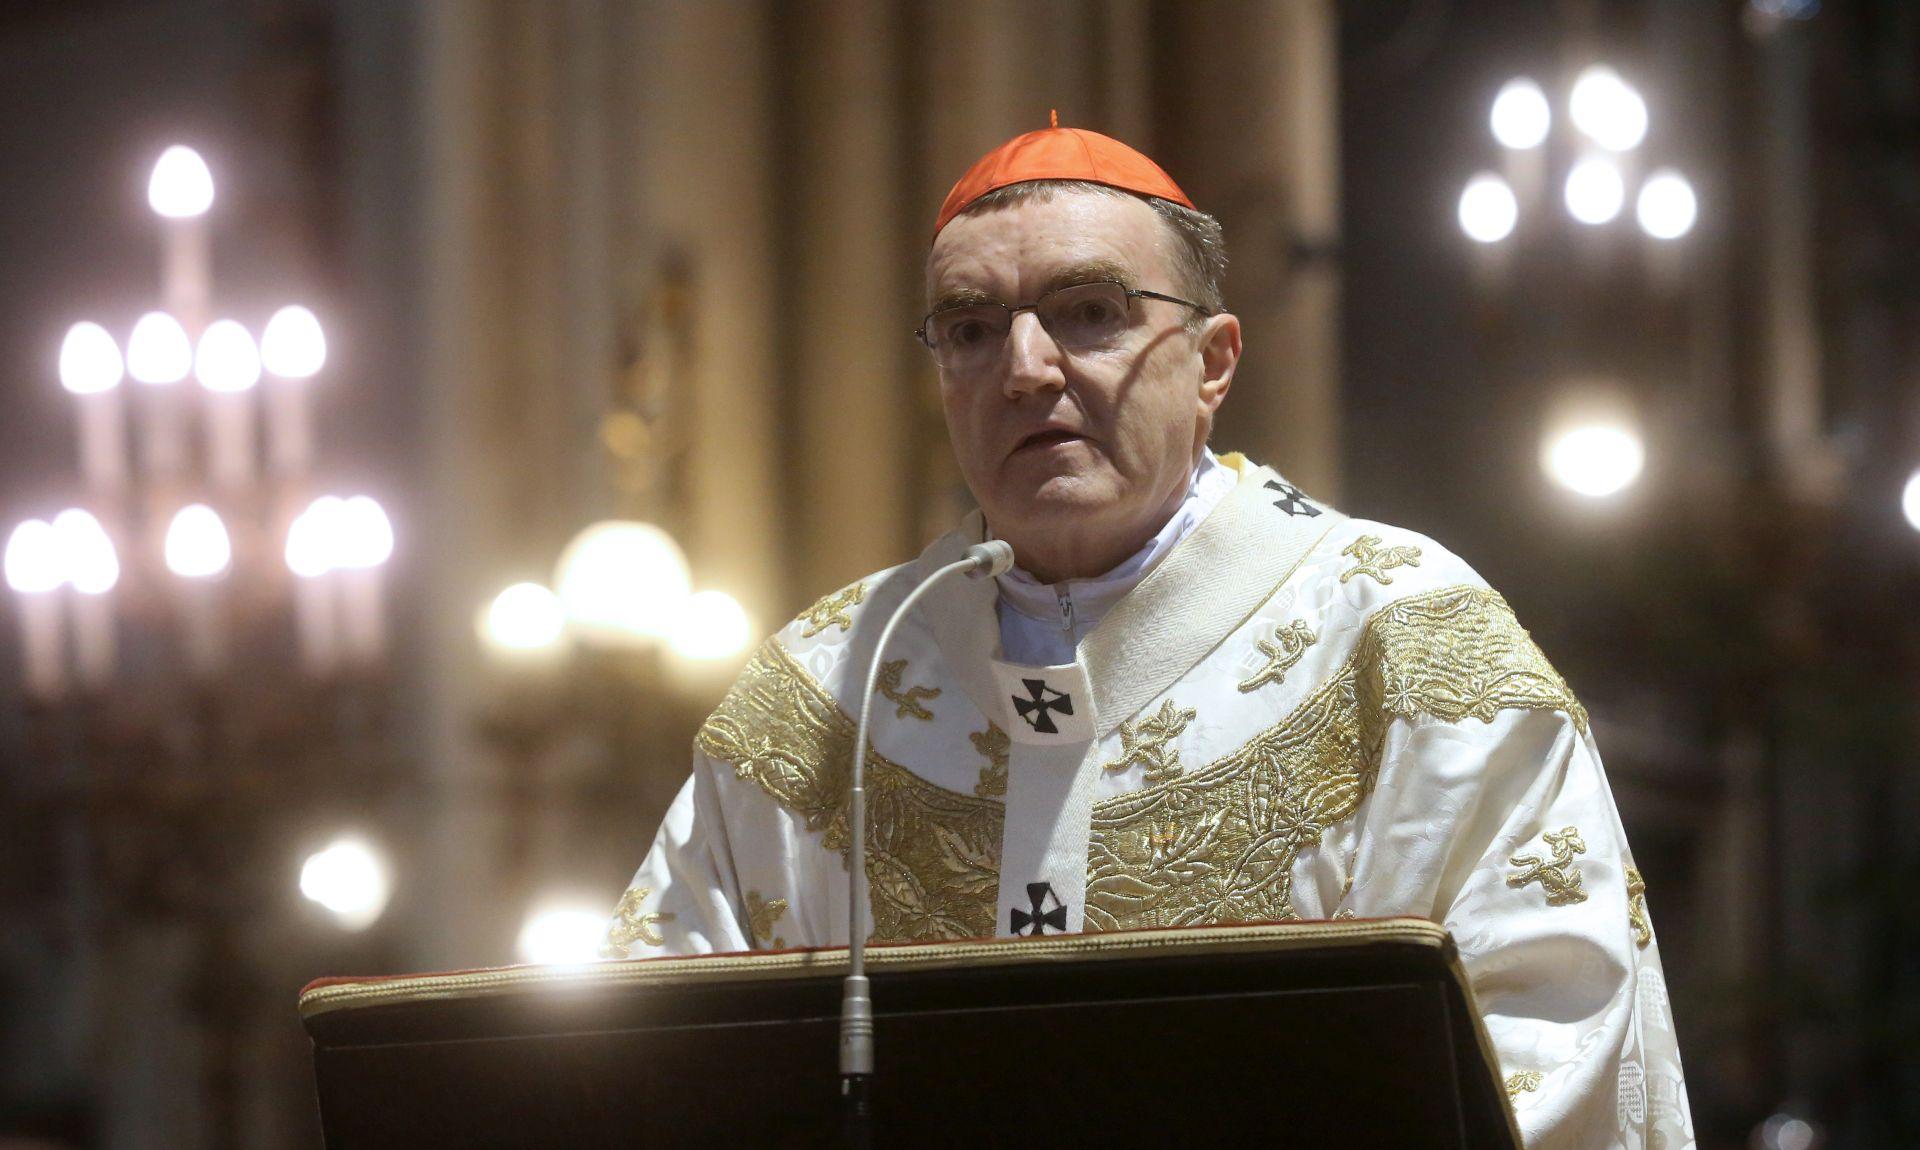 Uskrsna čestitka kardinala Bozanića predsjednici